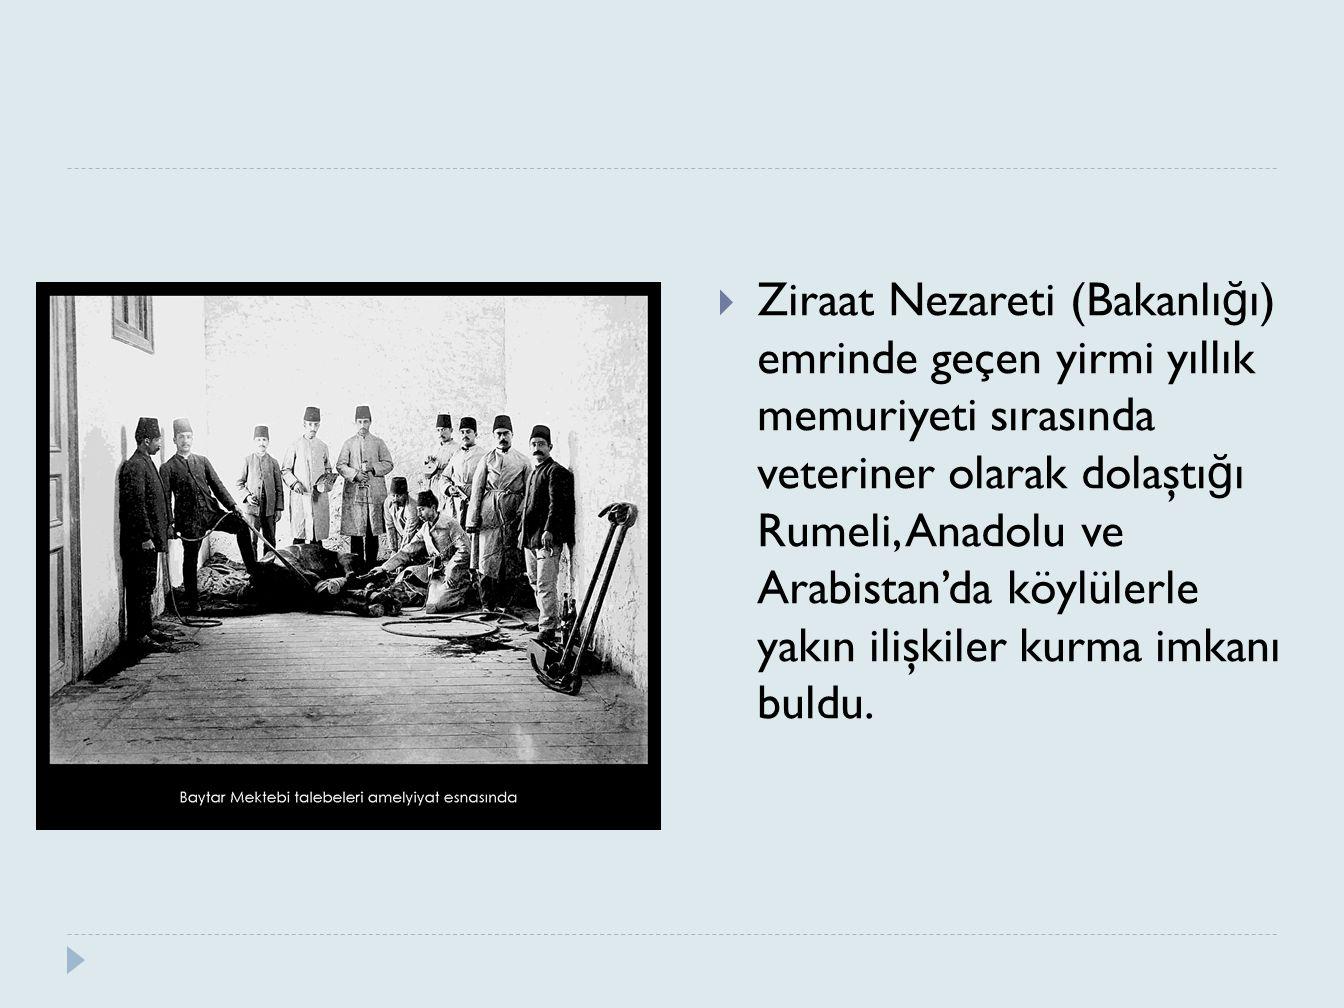  Ziraat Nezareti (Bakanlı ğ ı) emrinde geçen yirmi yıllık memuriyeti sırasında veteriner olarak dolaştı ğ ı Rumeli, Anadolu ve Arabistan'da köylülerl